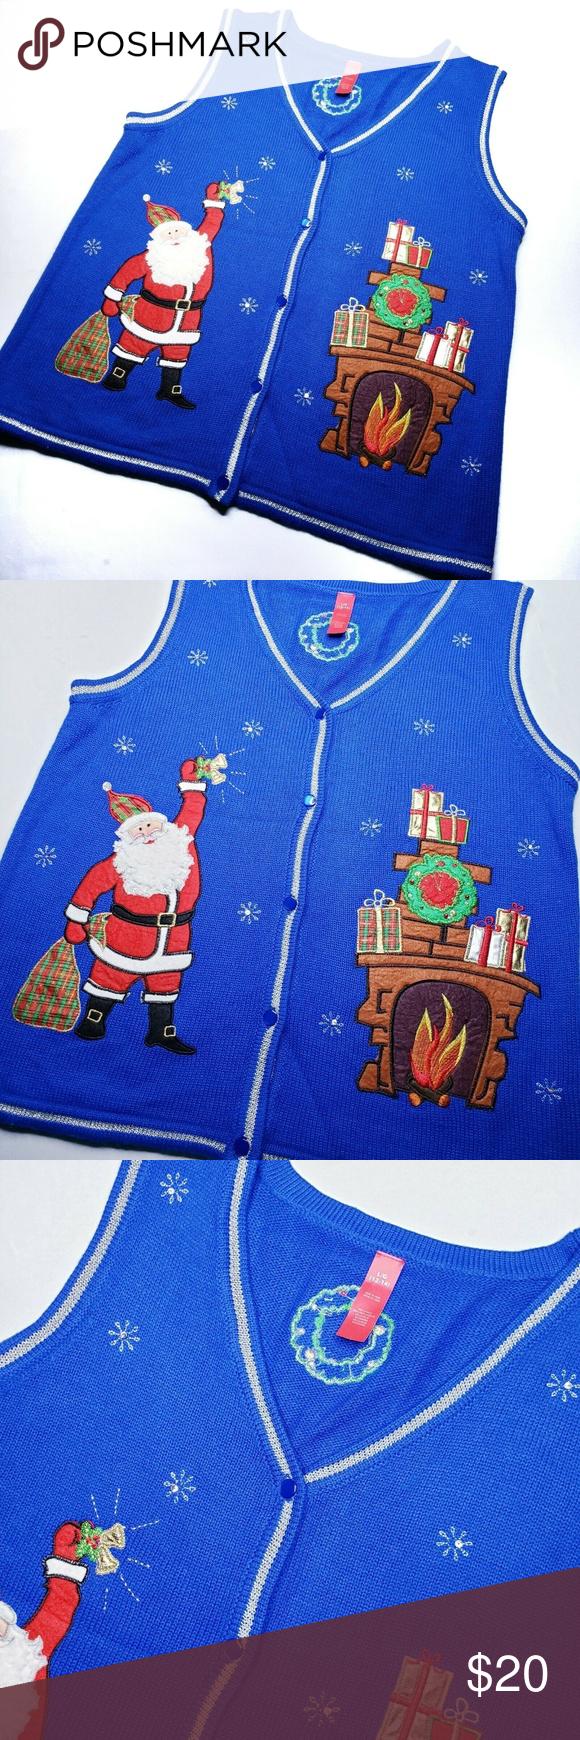 Blau hässliche Weihnachtsstrickpullover Weste Größe 1214